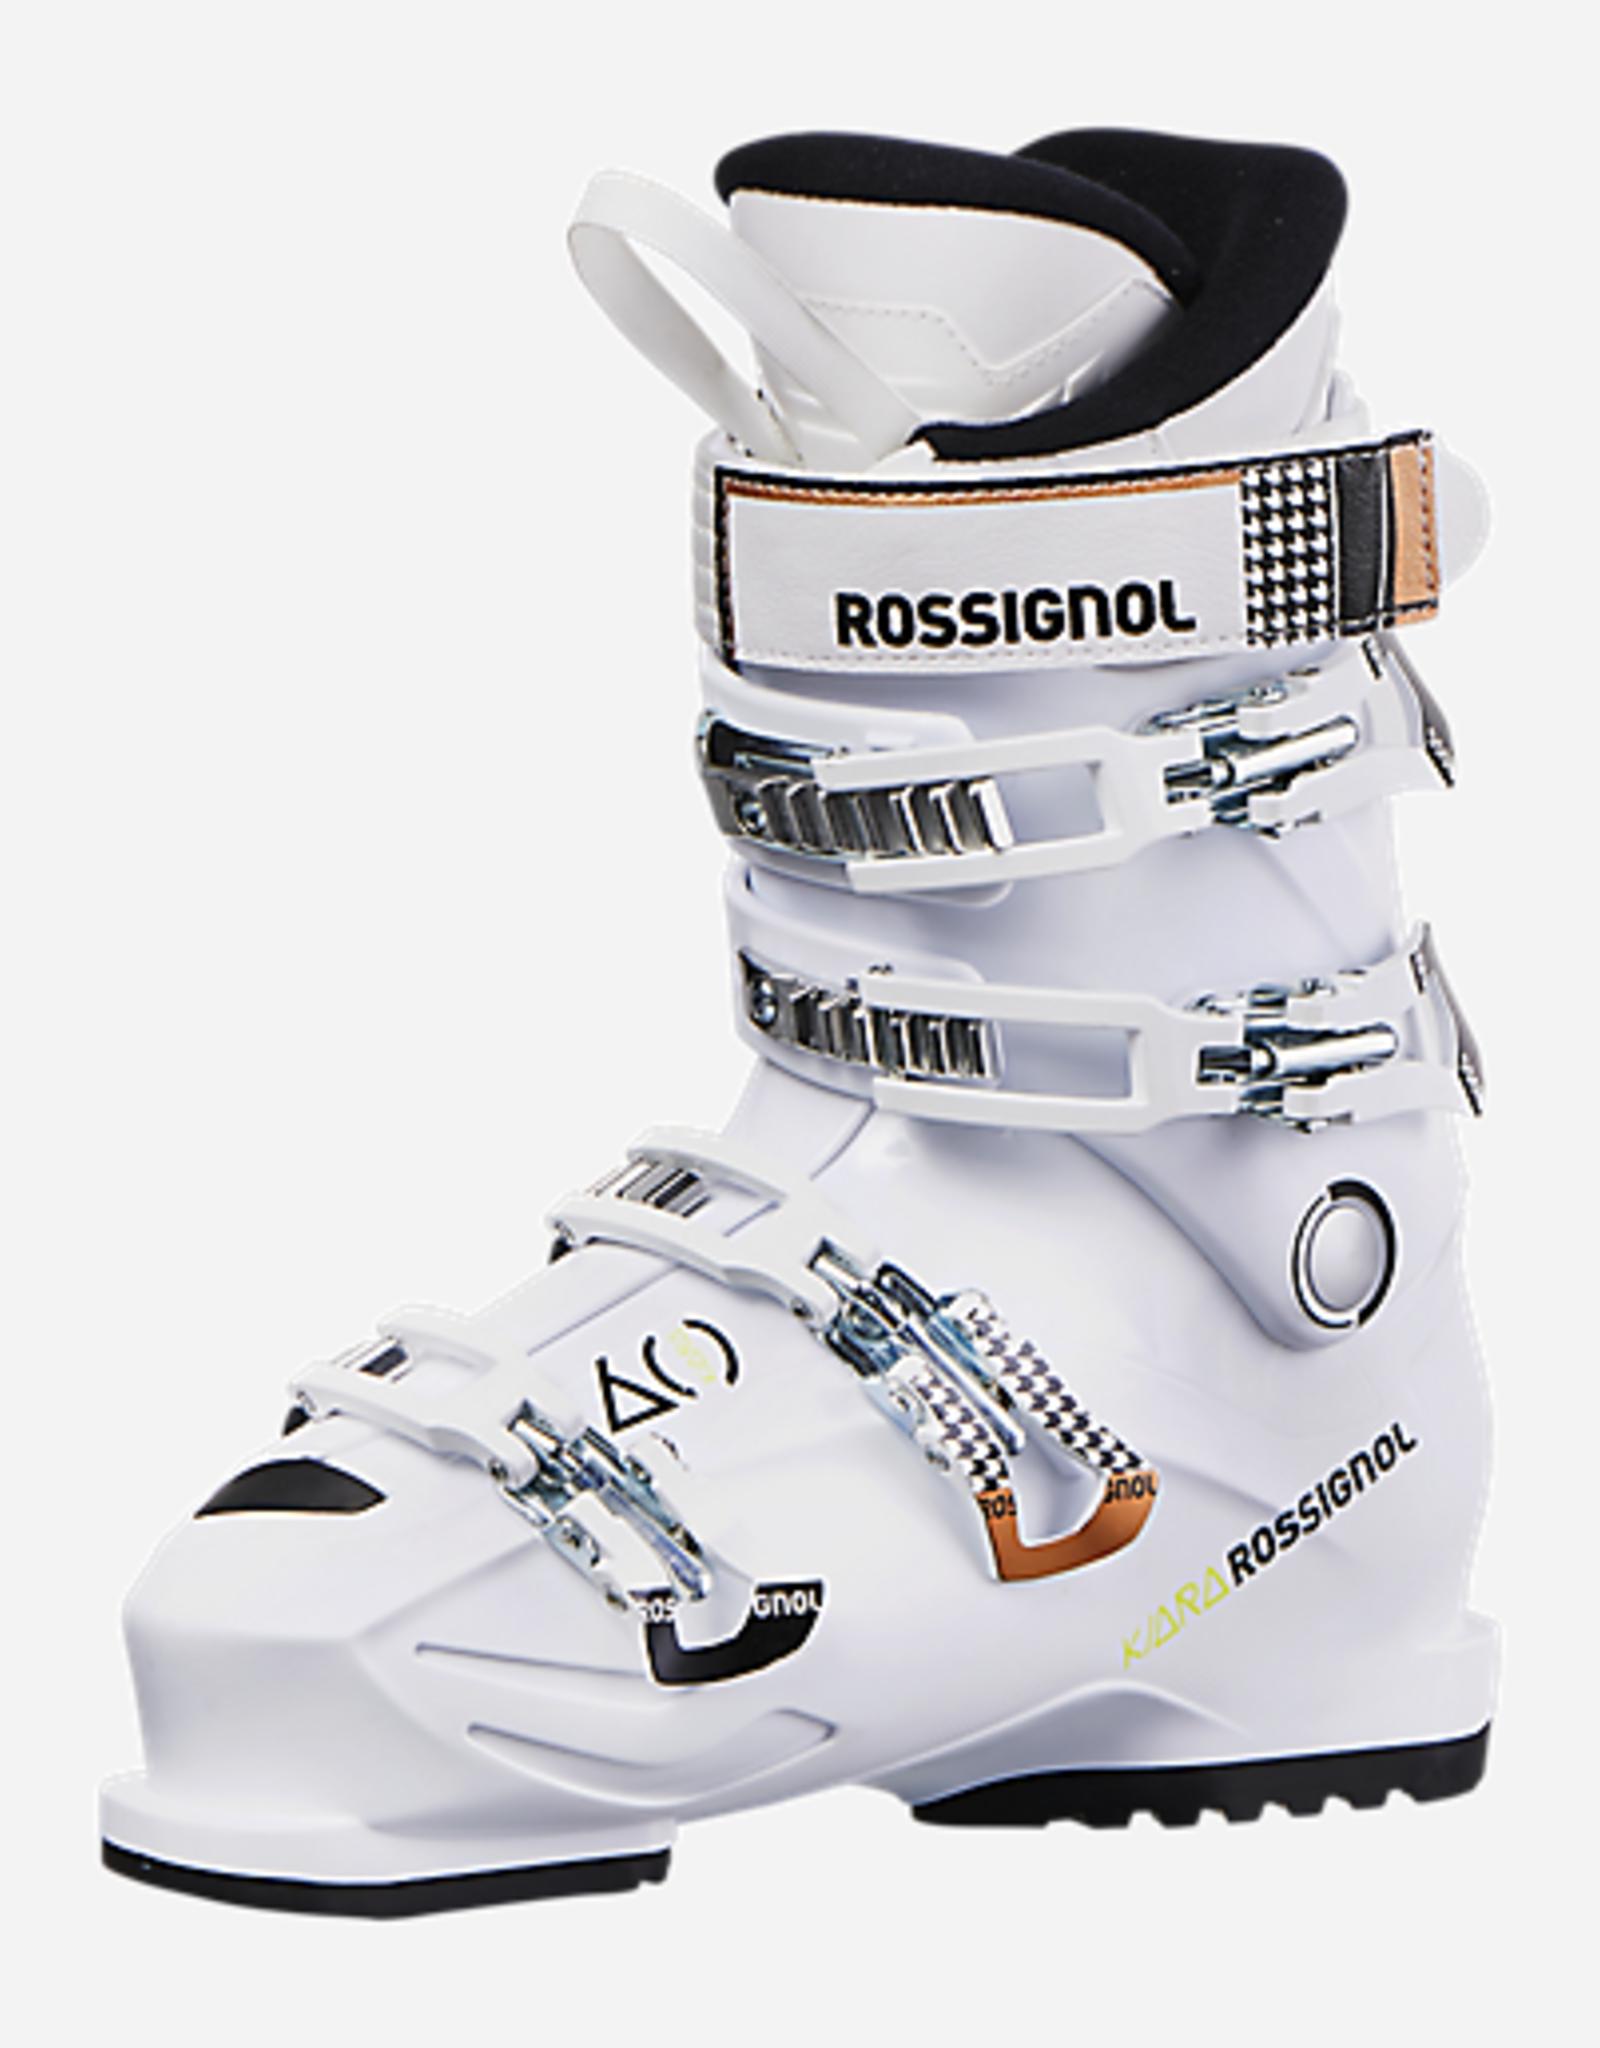 ROSSIGNOL Skischoenen ROSSIGNOL Kiara 60 (koper) Gebruikt